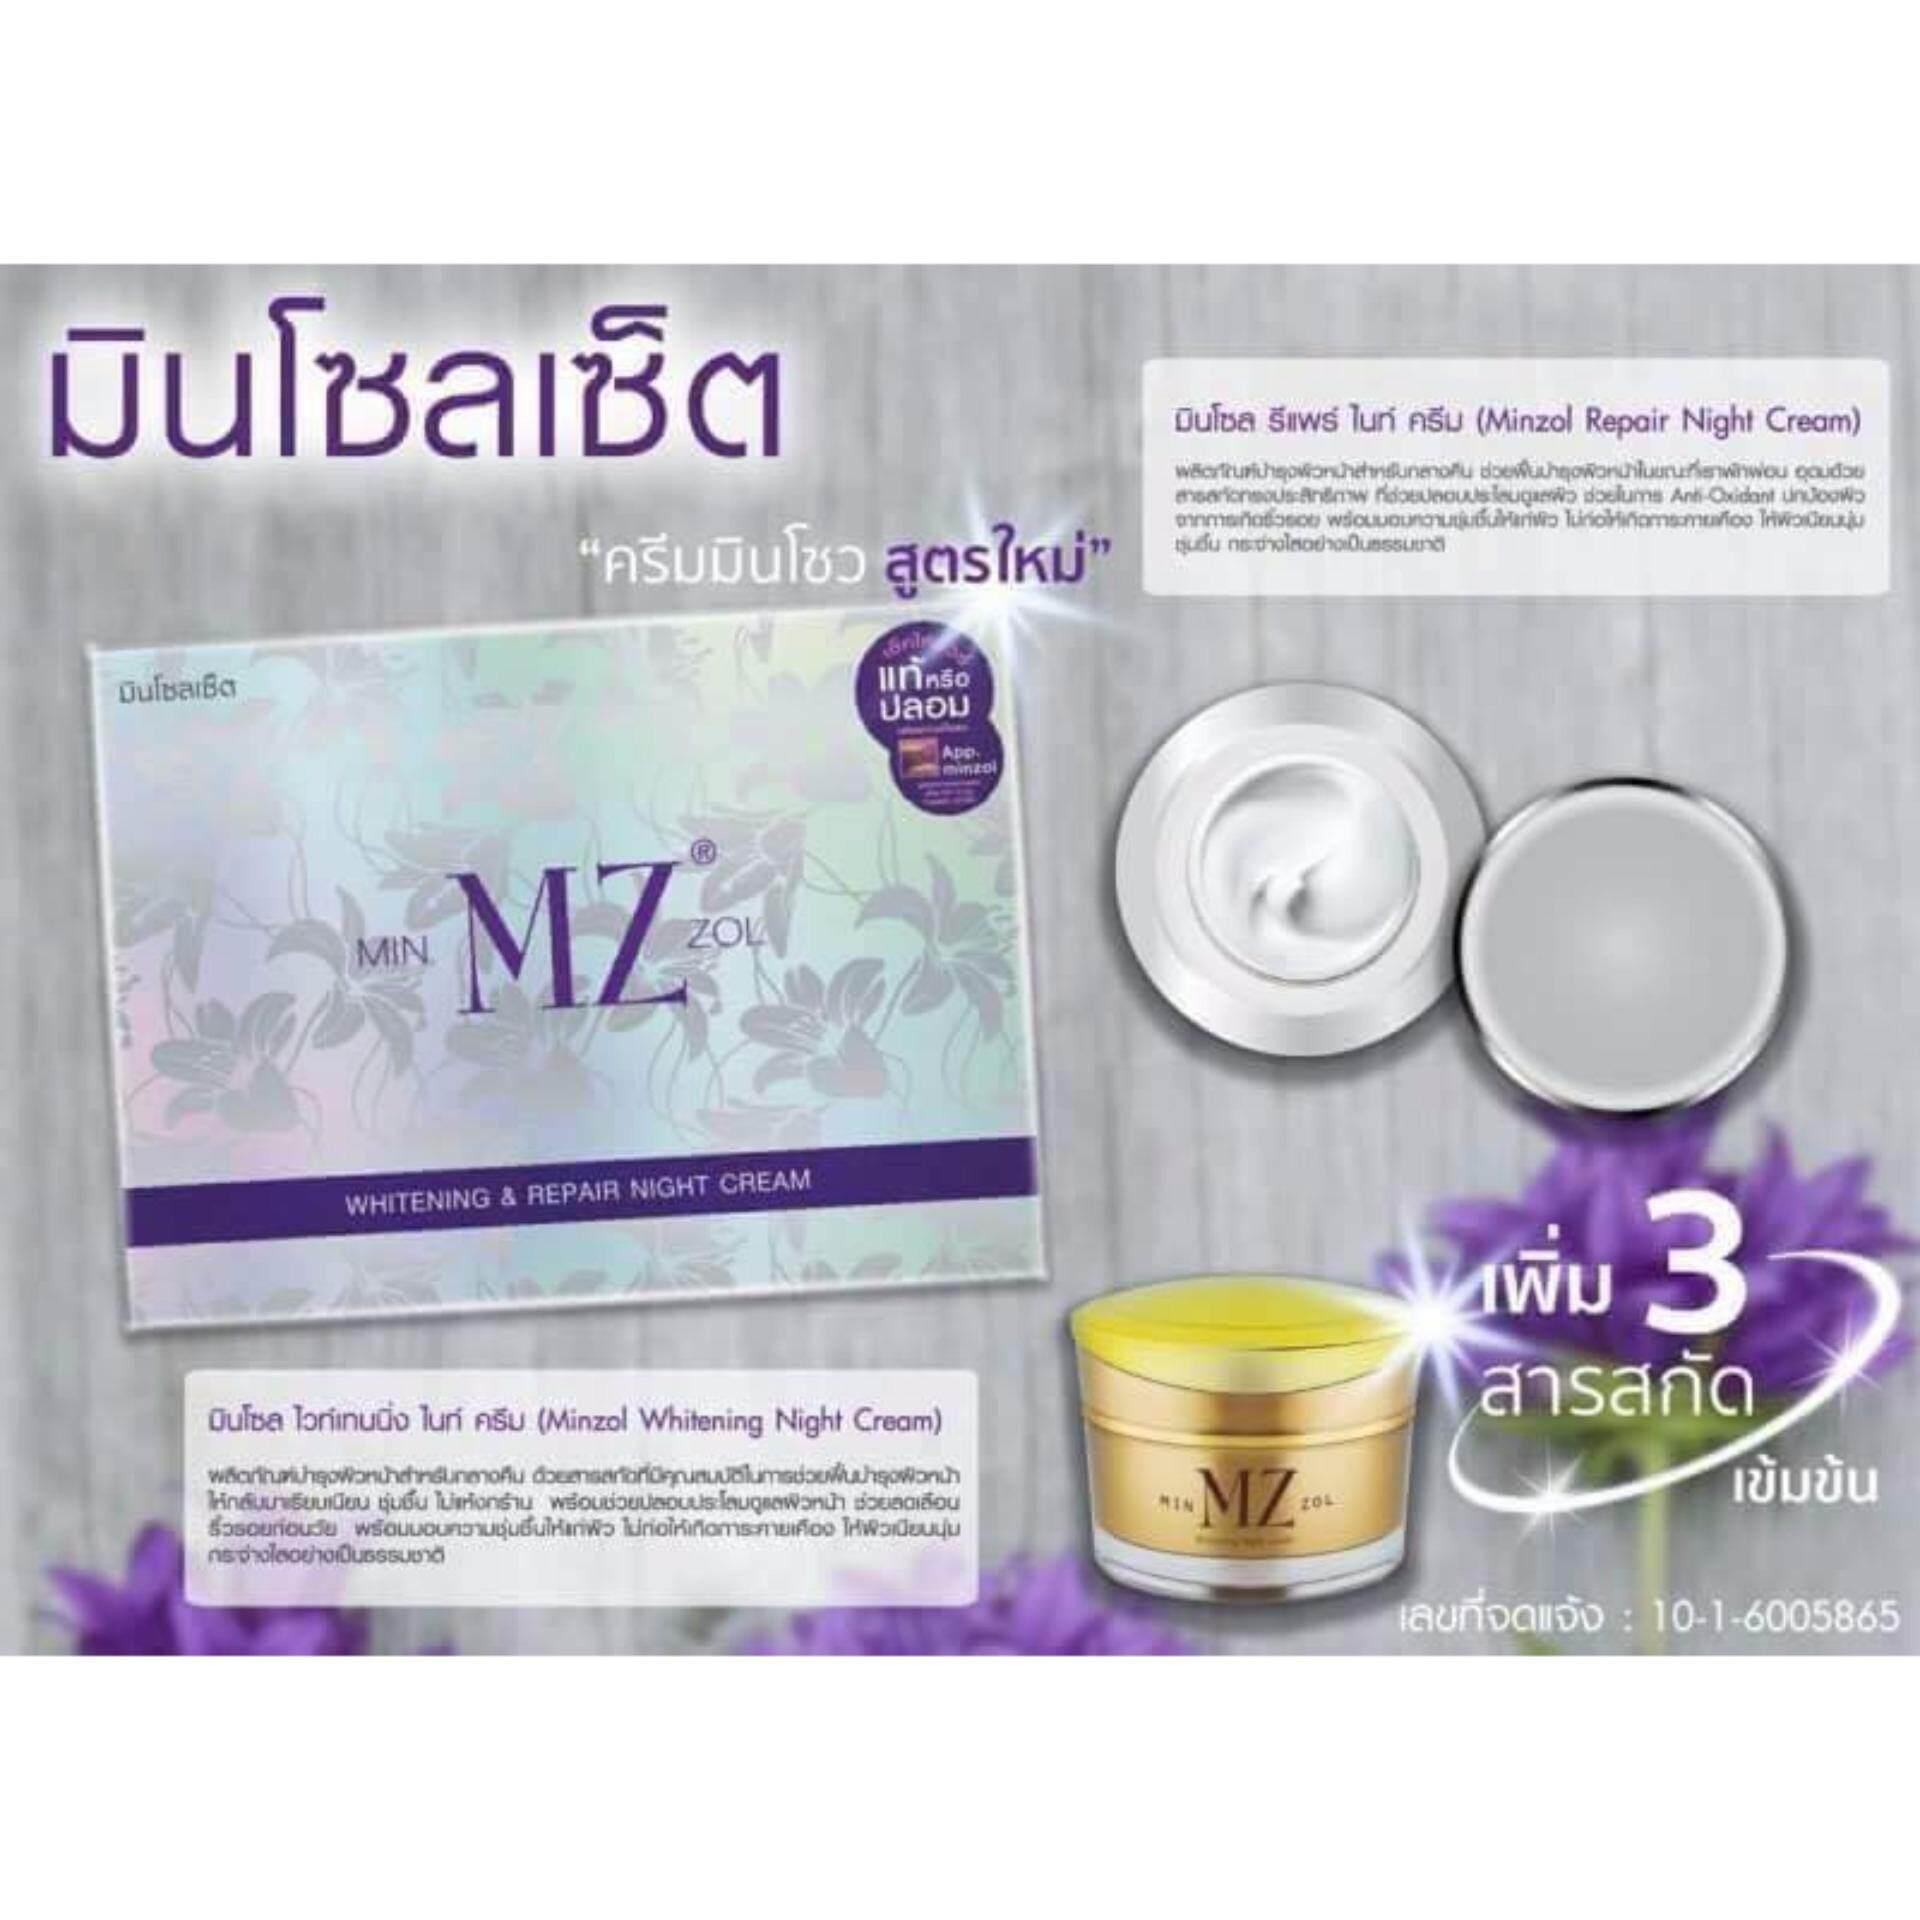 ลดราคาต่ำสุด  ฉลองยอดขาย MinZol มินโซว ครีมมินโซว หน้าขาว กระจ่างใส ไร้สิว รุ่น QR Code 1 กล่อง ช่วยให้  หน้าขาวใสไร้สิวได้จริง